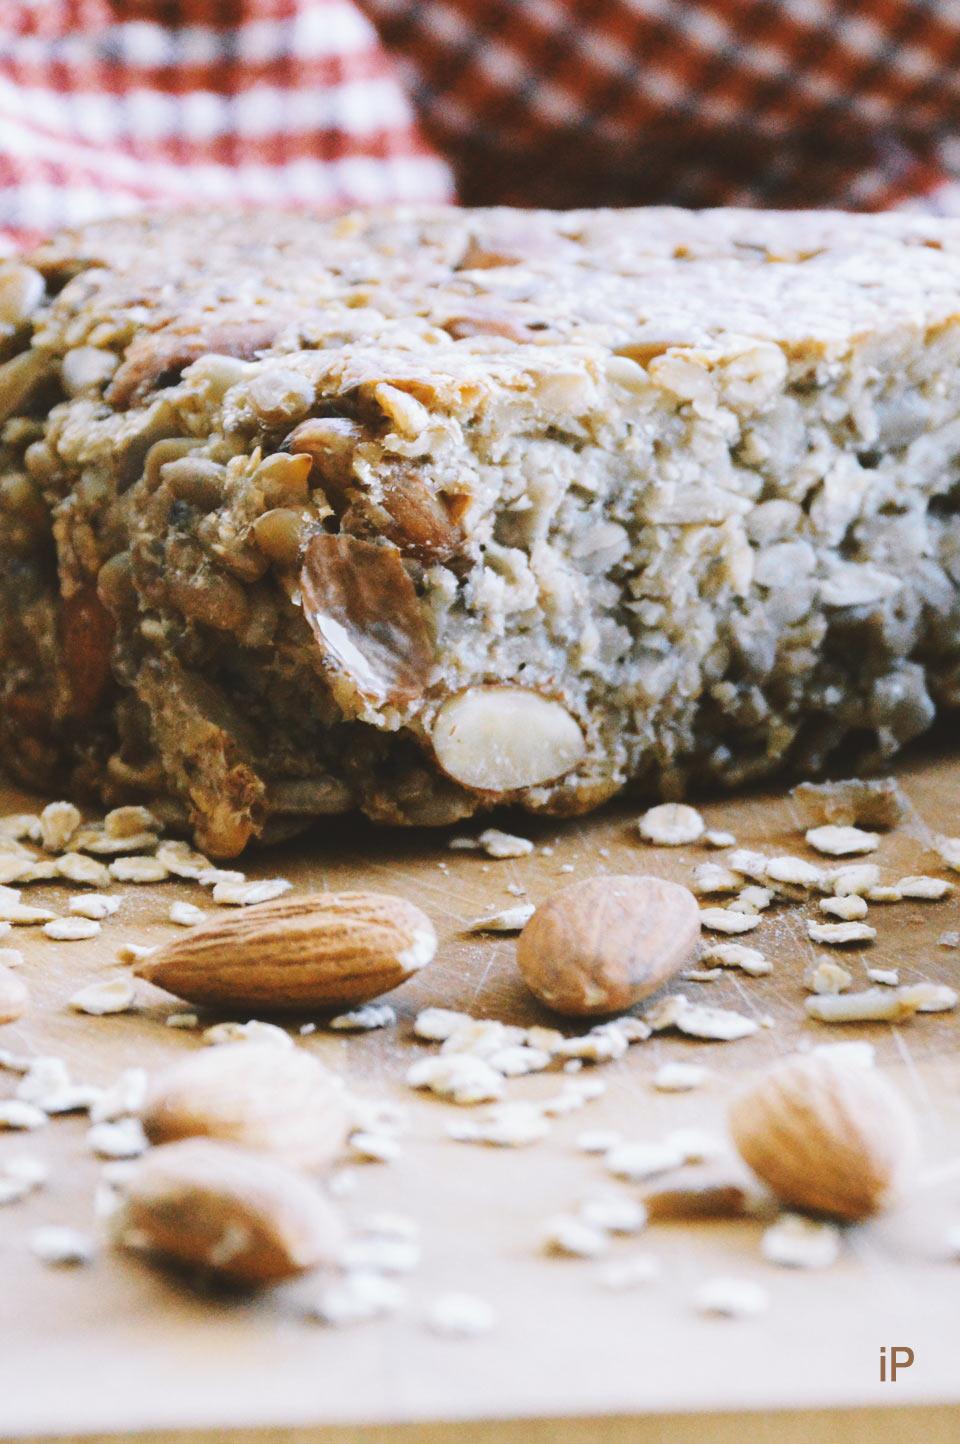 selbstgebackenes Brot mit Flohsamenschalen statt Mehl